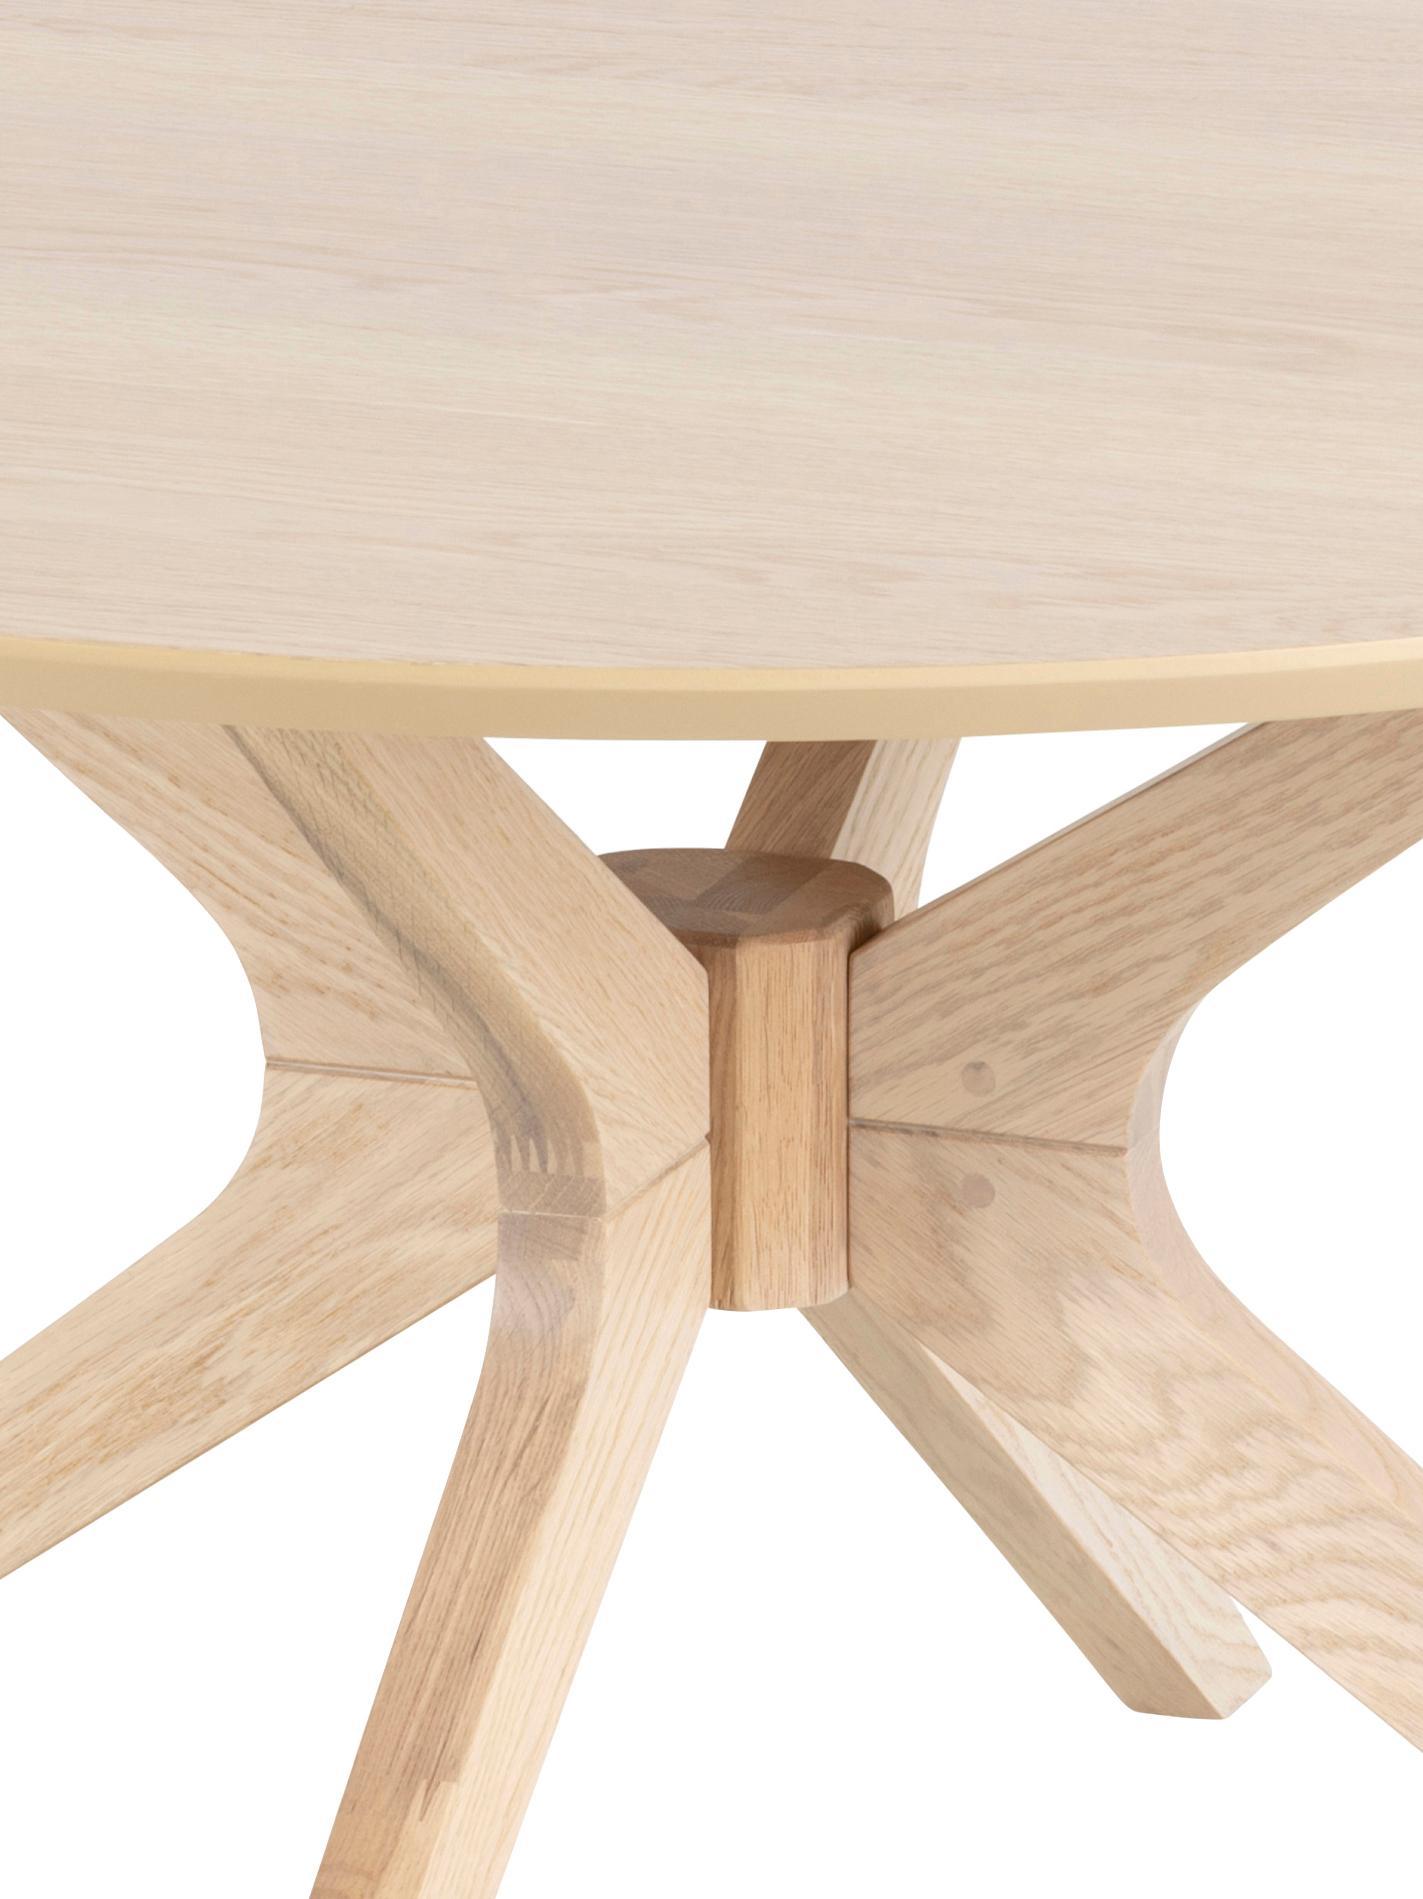 Runder Couchtisch Duncan aus Eichenholz, Tischplatte: Mitteldichte Holzfaserpla, Beine: Eichenholz, massiv, Eichenholz, Ø 80 x H 45 cm